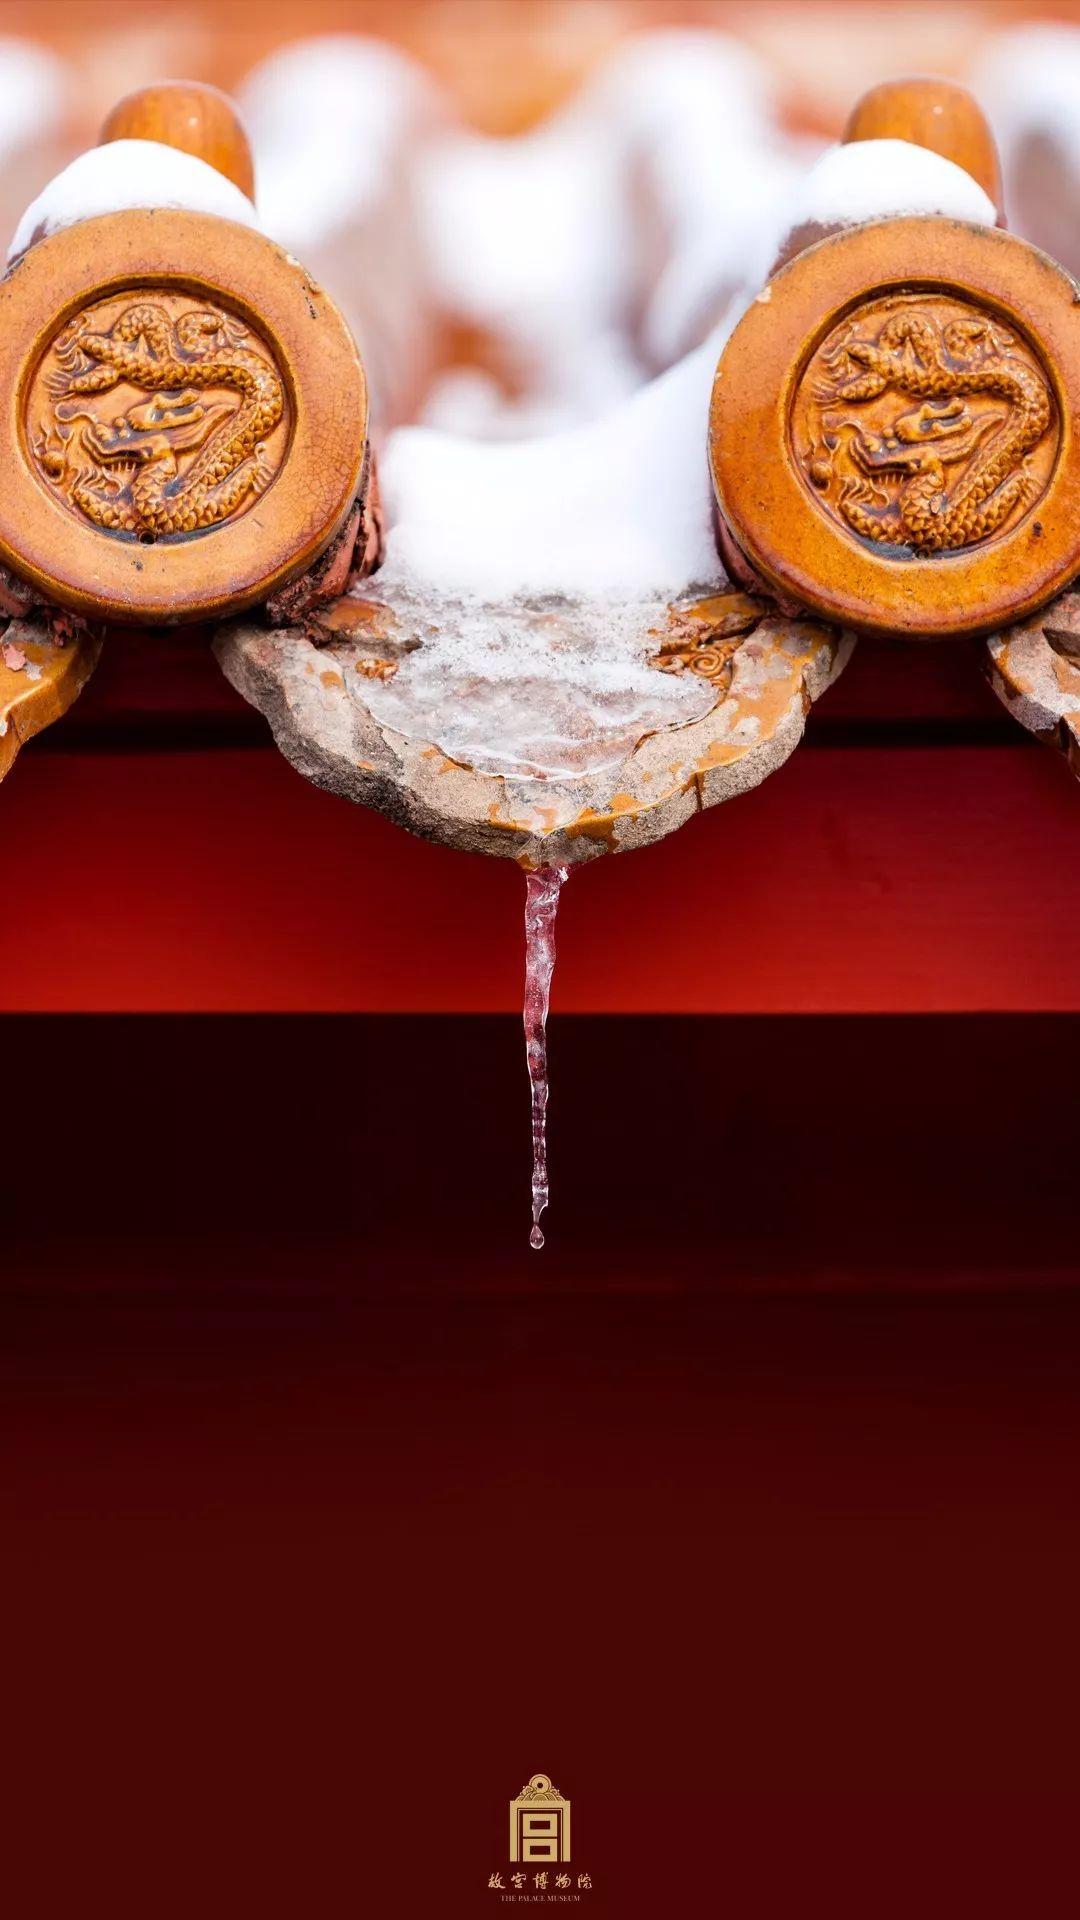 北京拍照攻略--故宫的冬天少攻略最美的syobonaction2得了图片